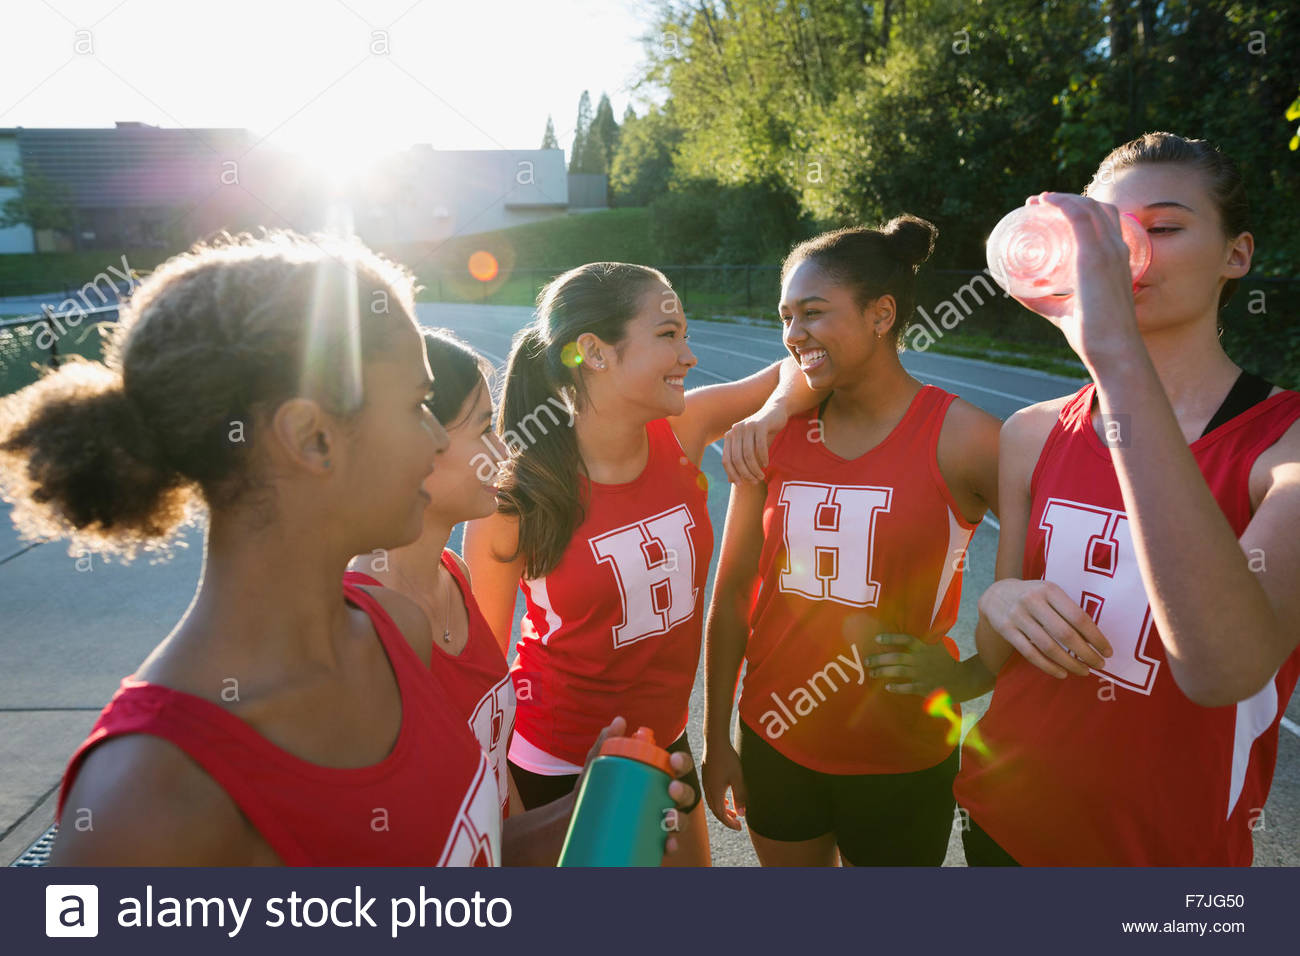 Weibliche High-School-Leichtathletik-Teambildung Stockbild